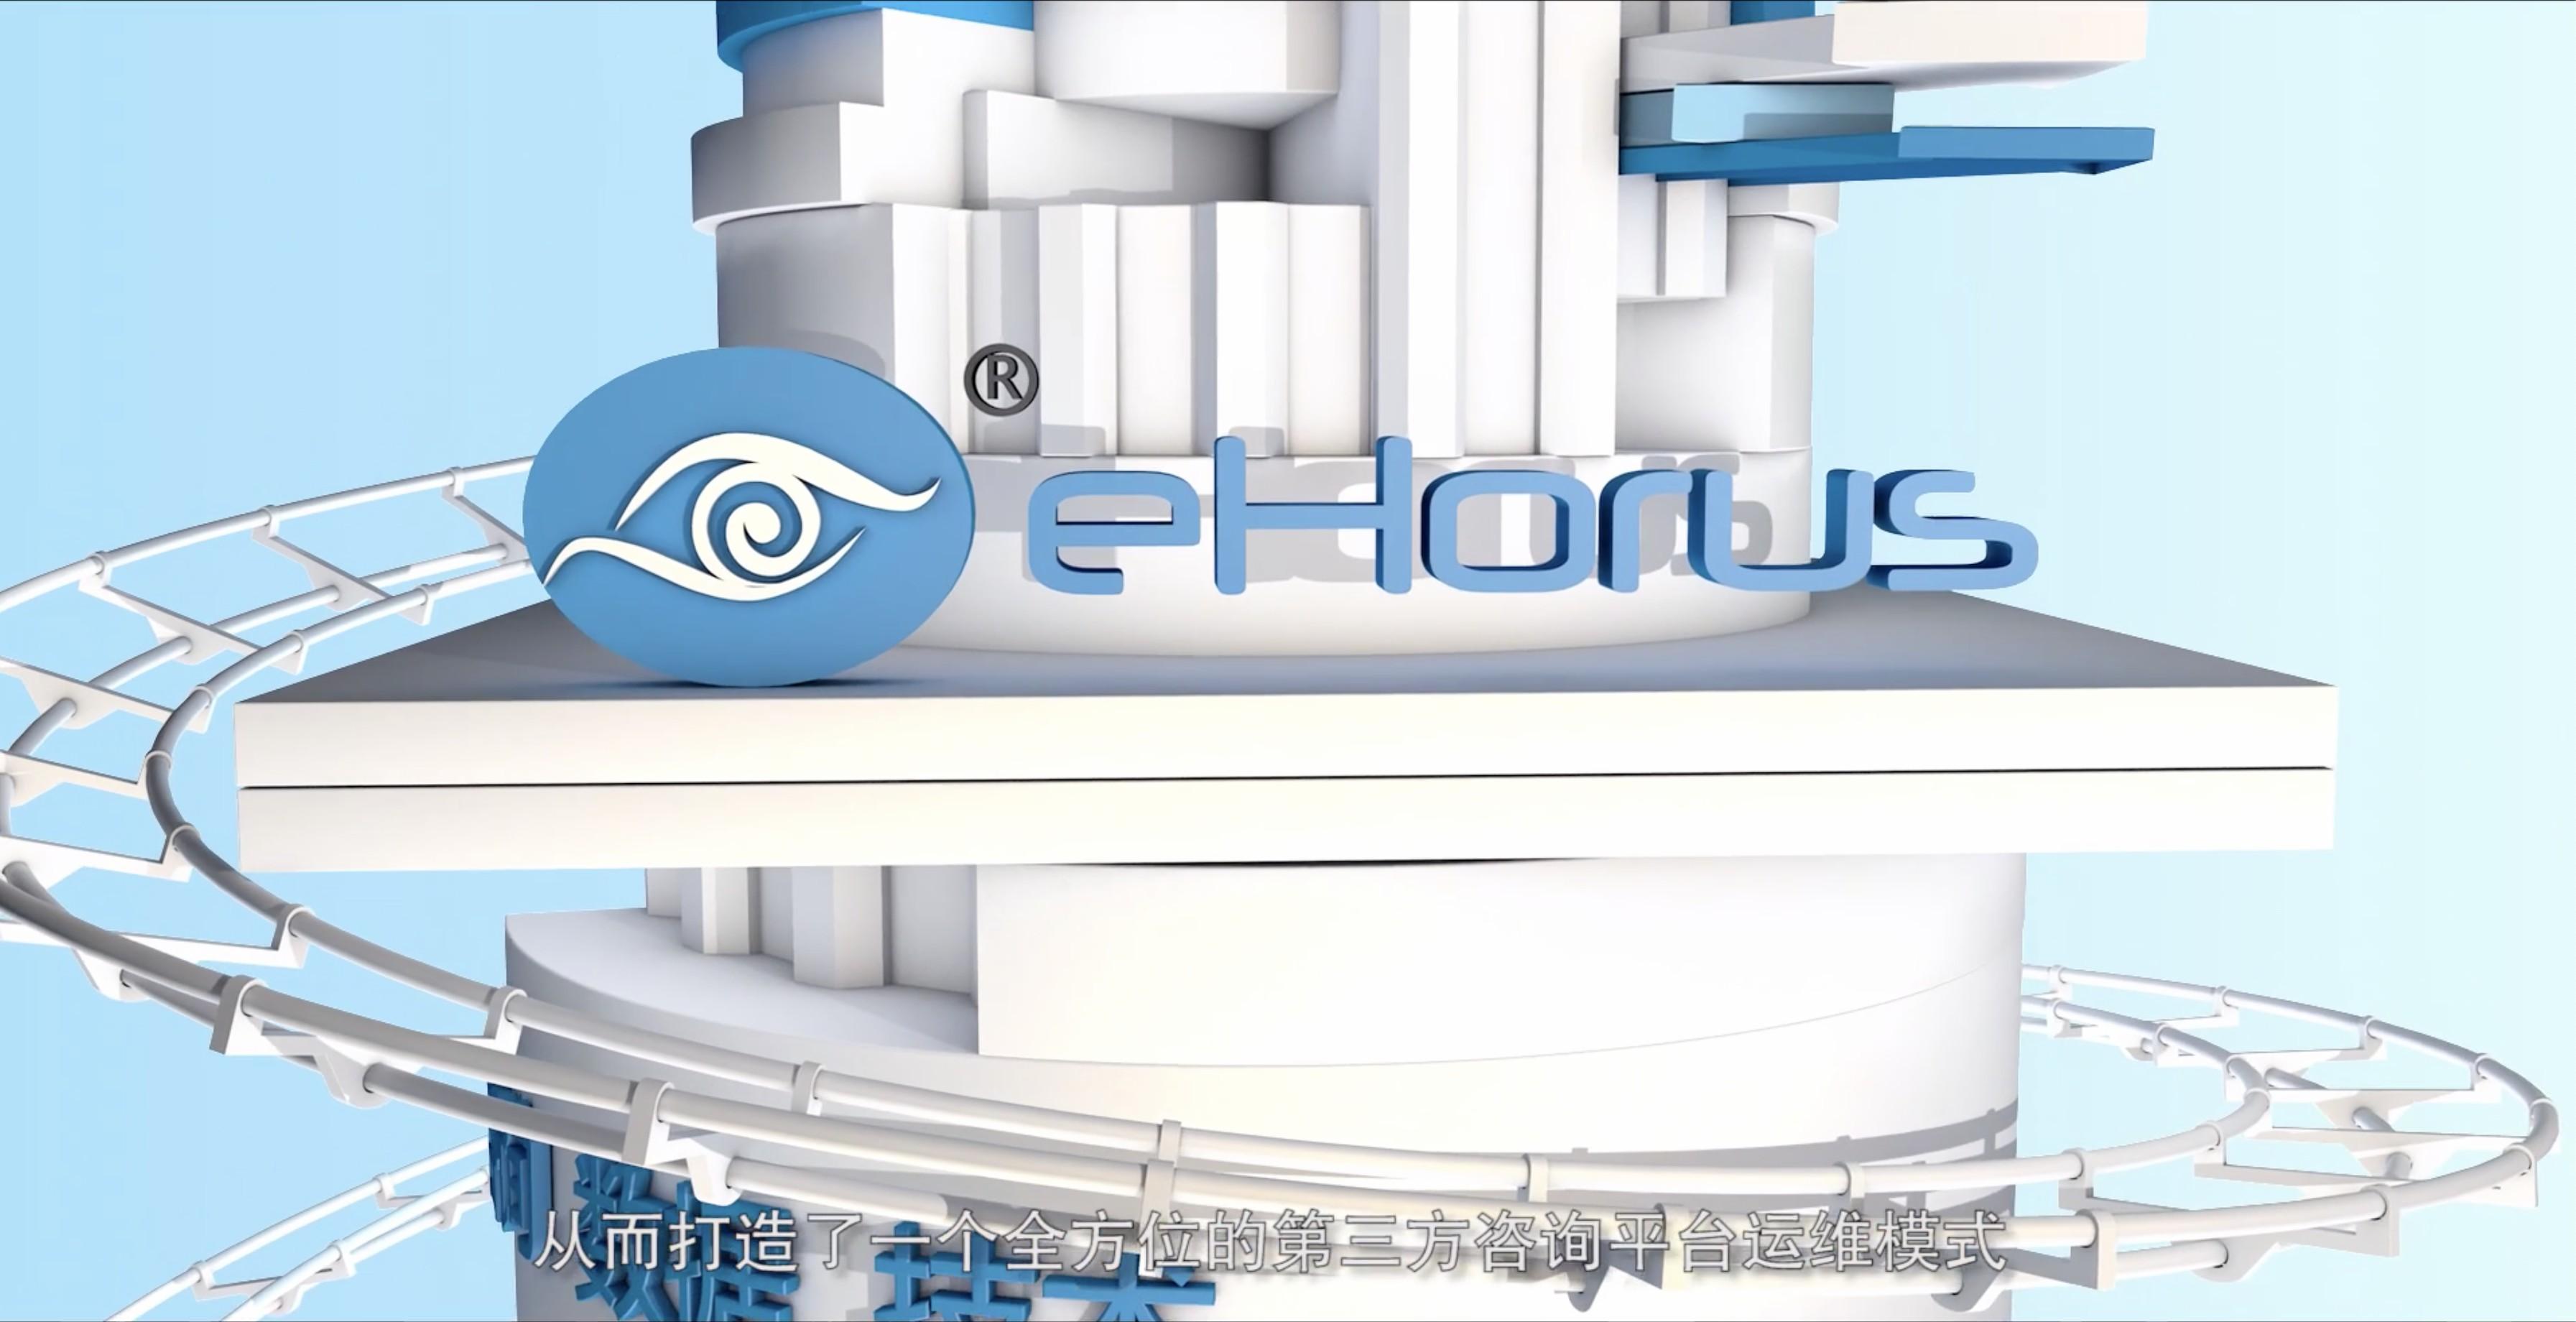 嘉兴专业3D视频制作质量放心可靠,3D视频制作